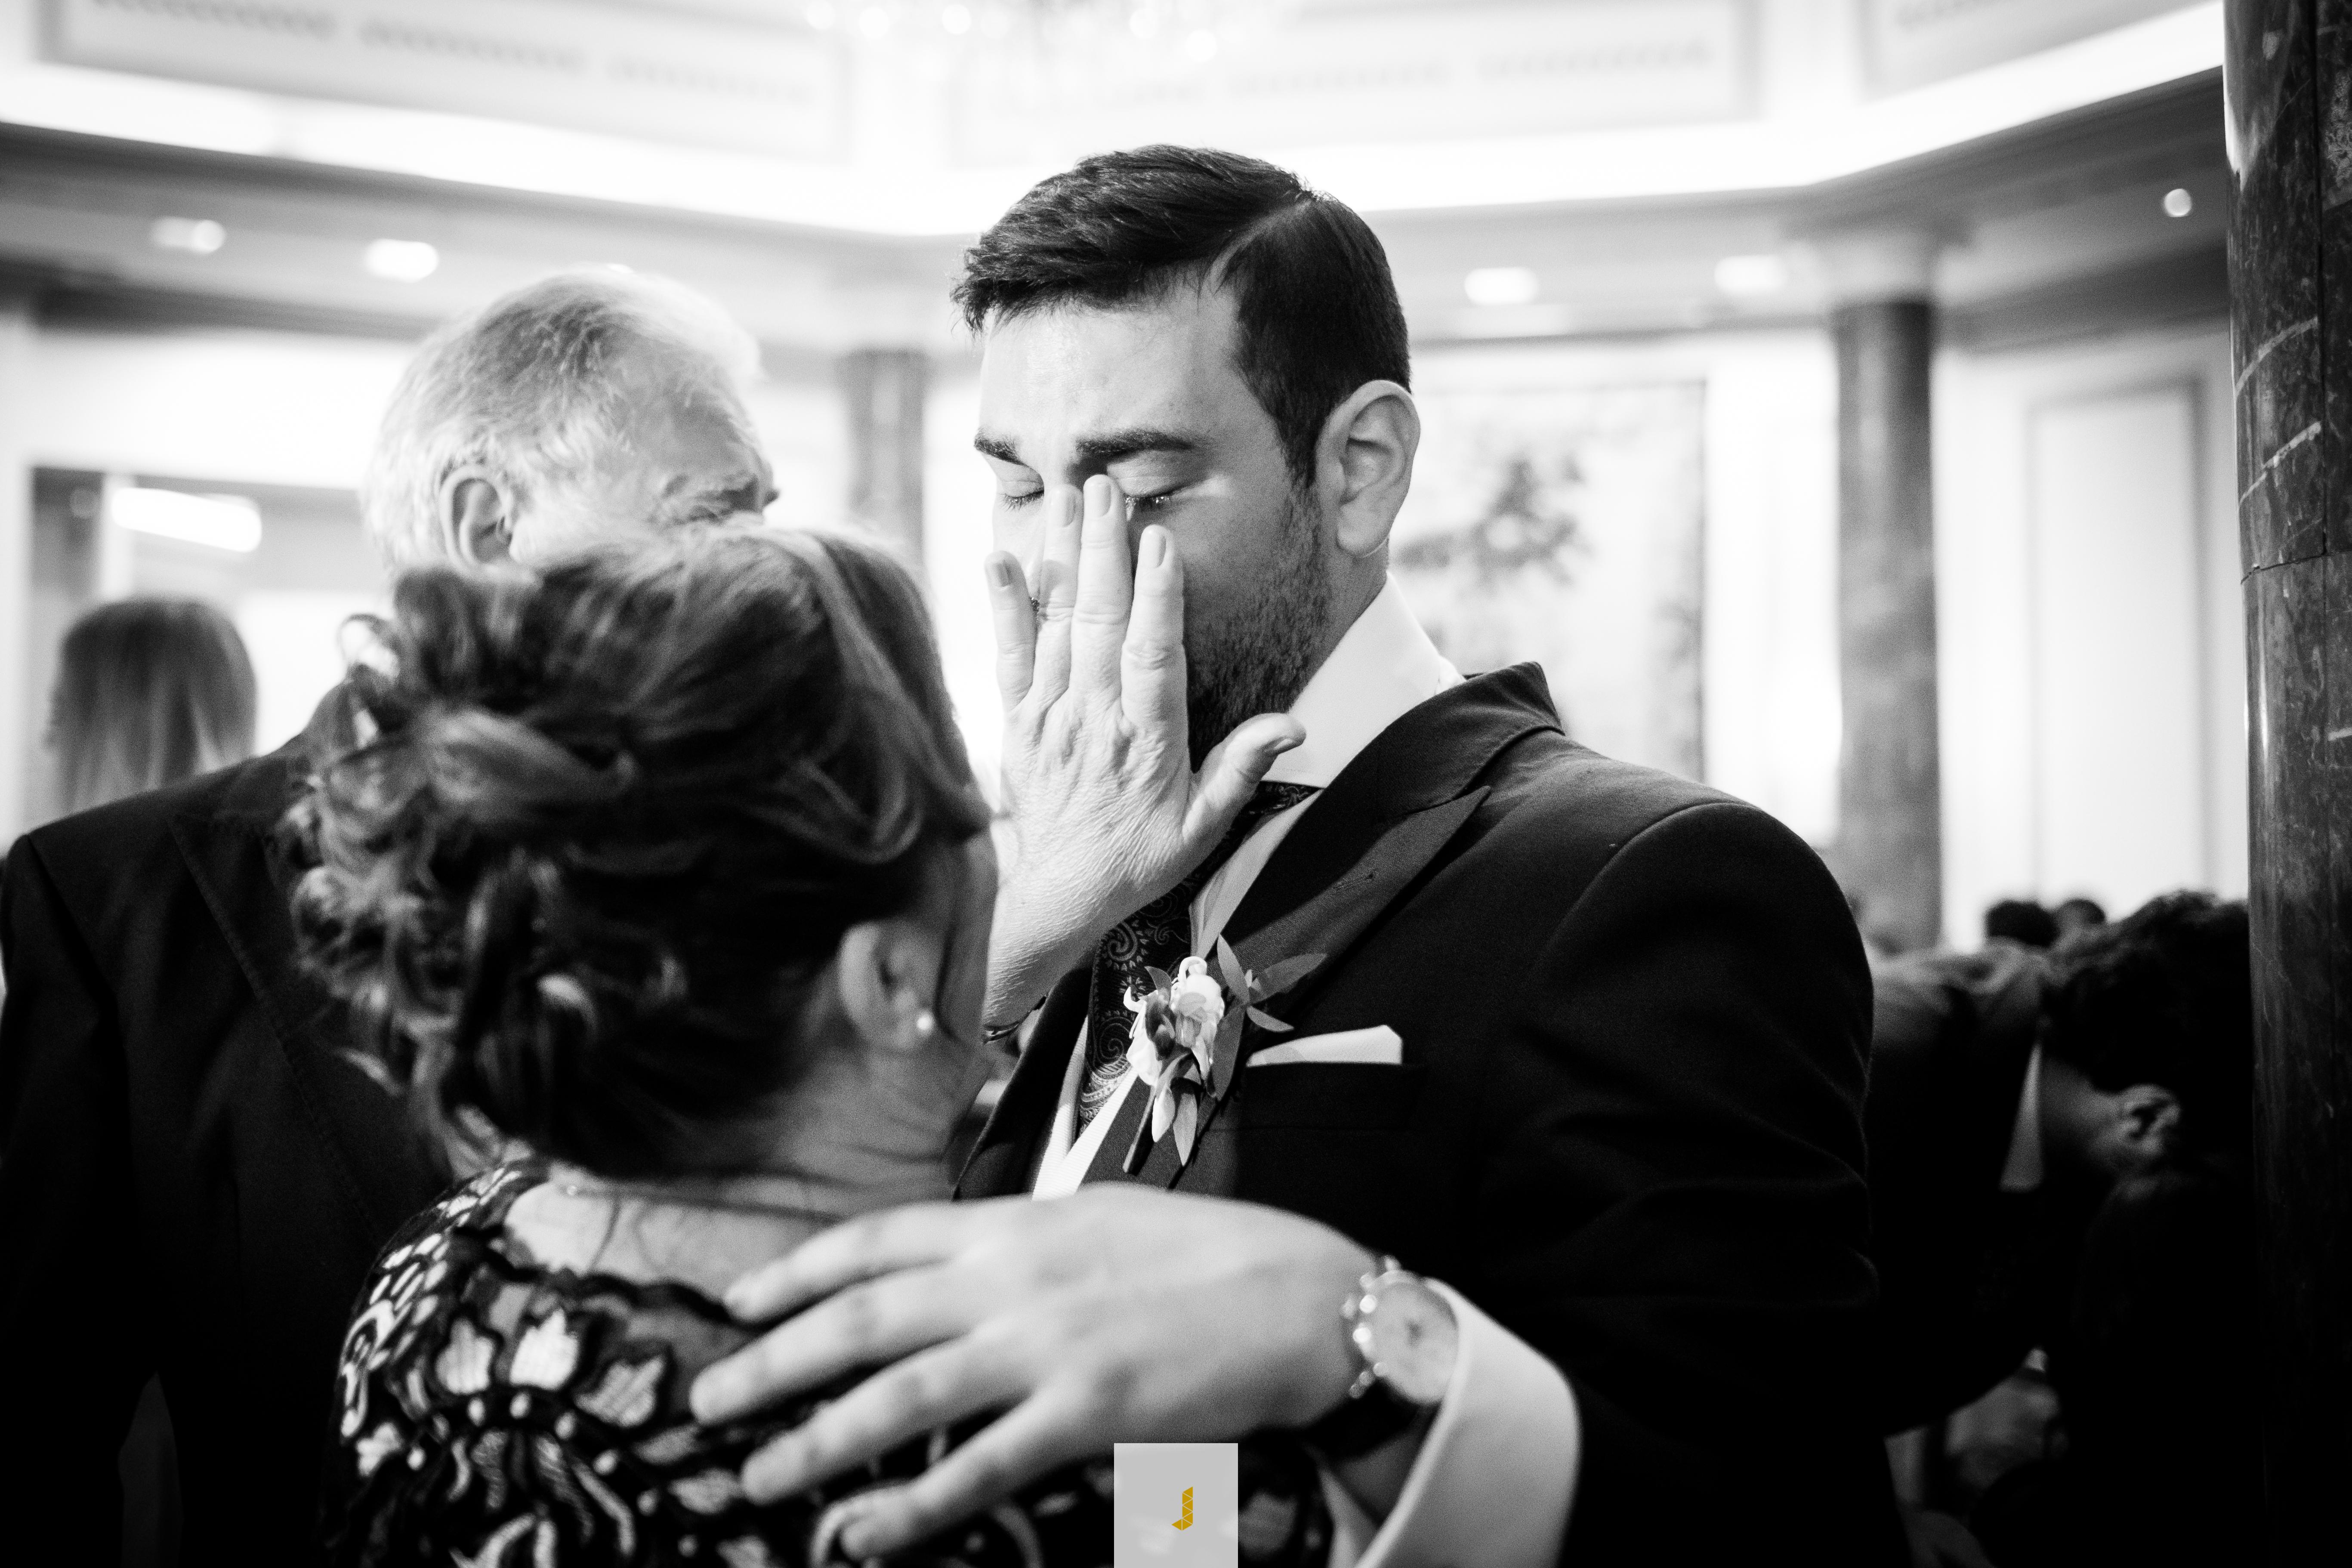 lagrimas en una boda